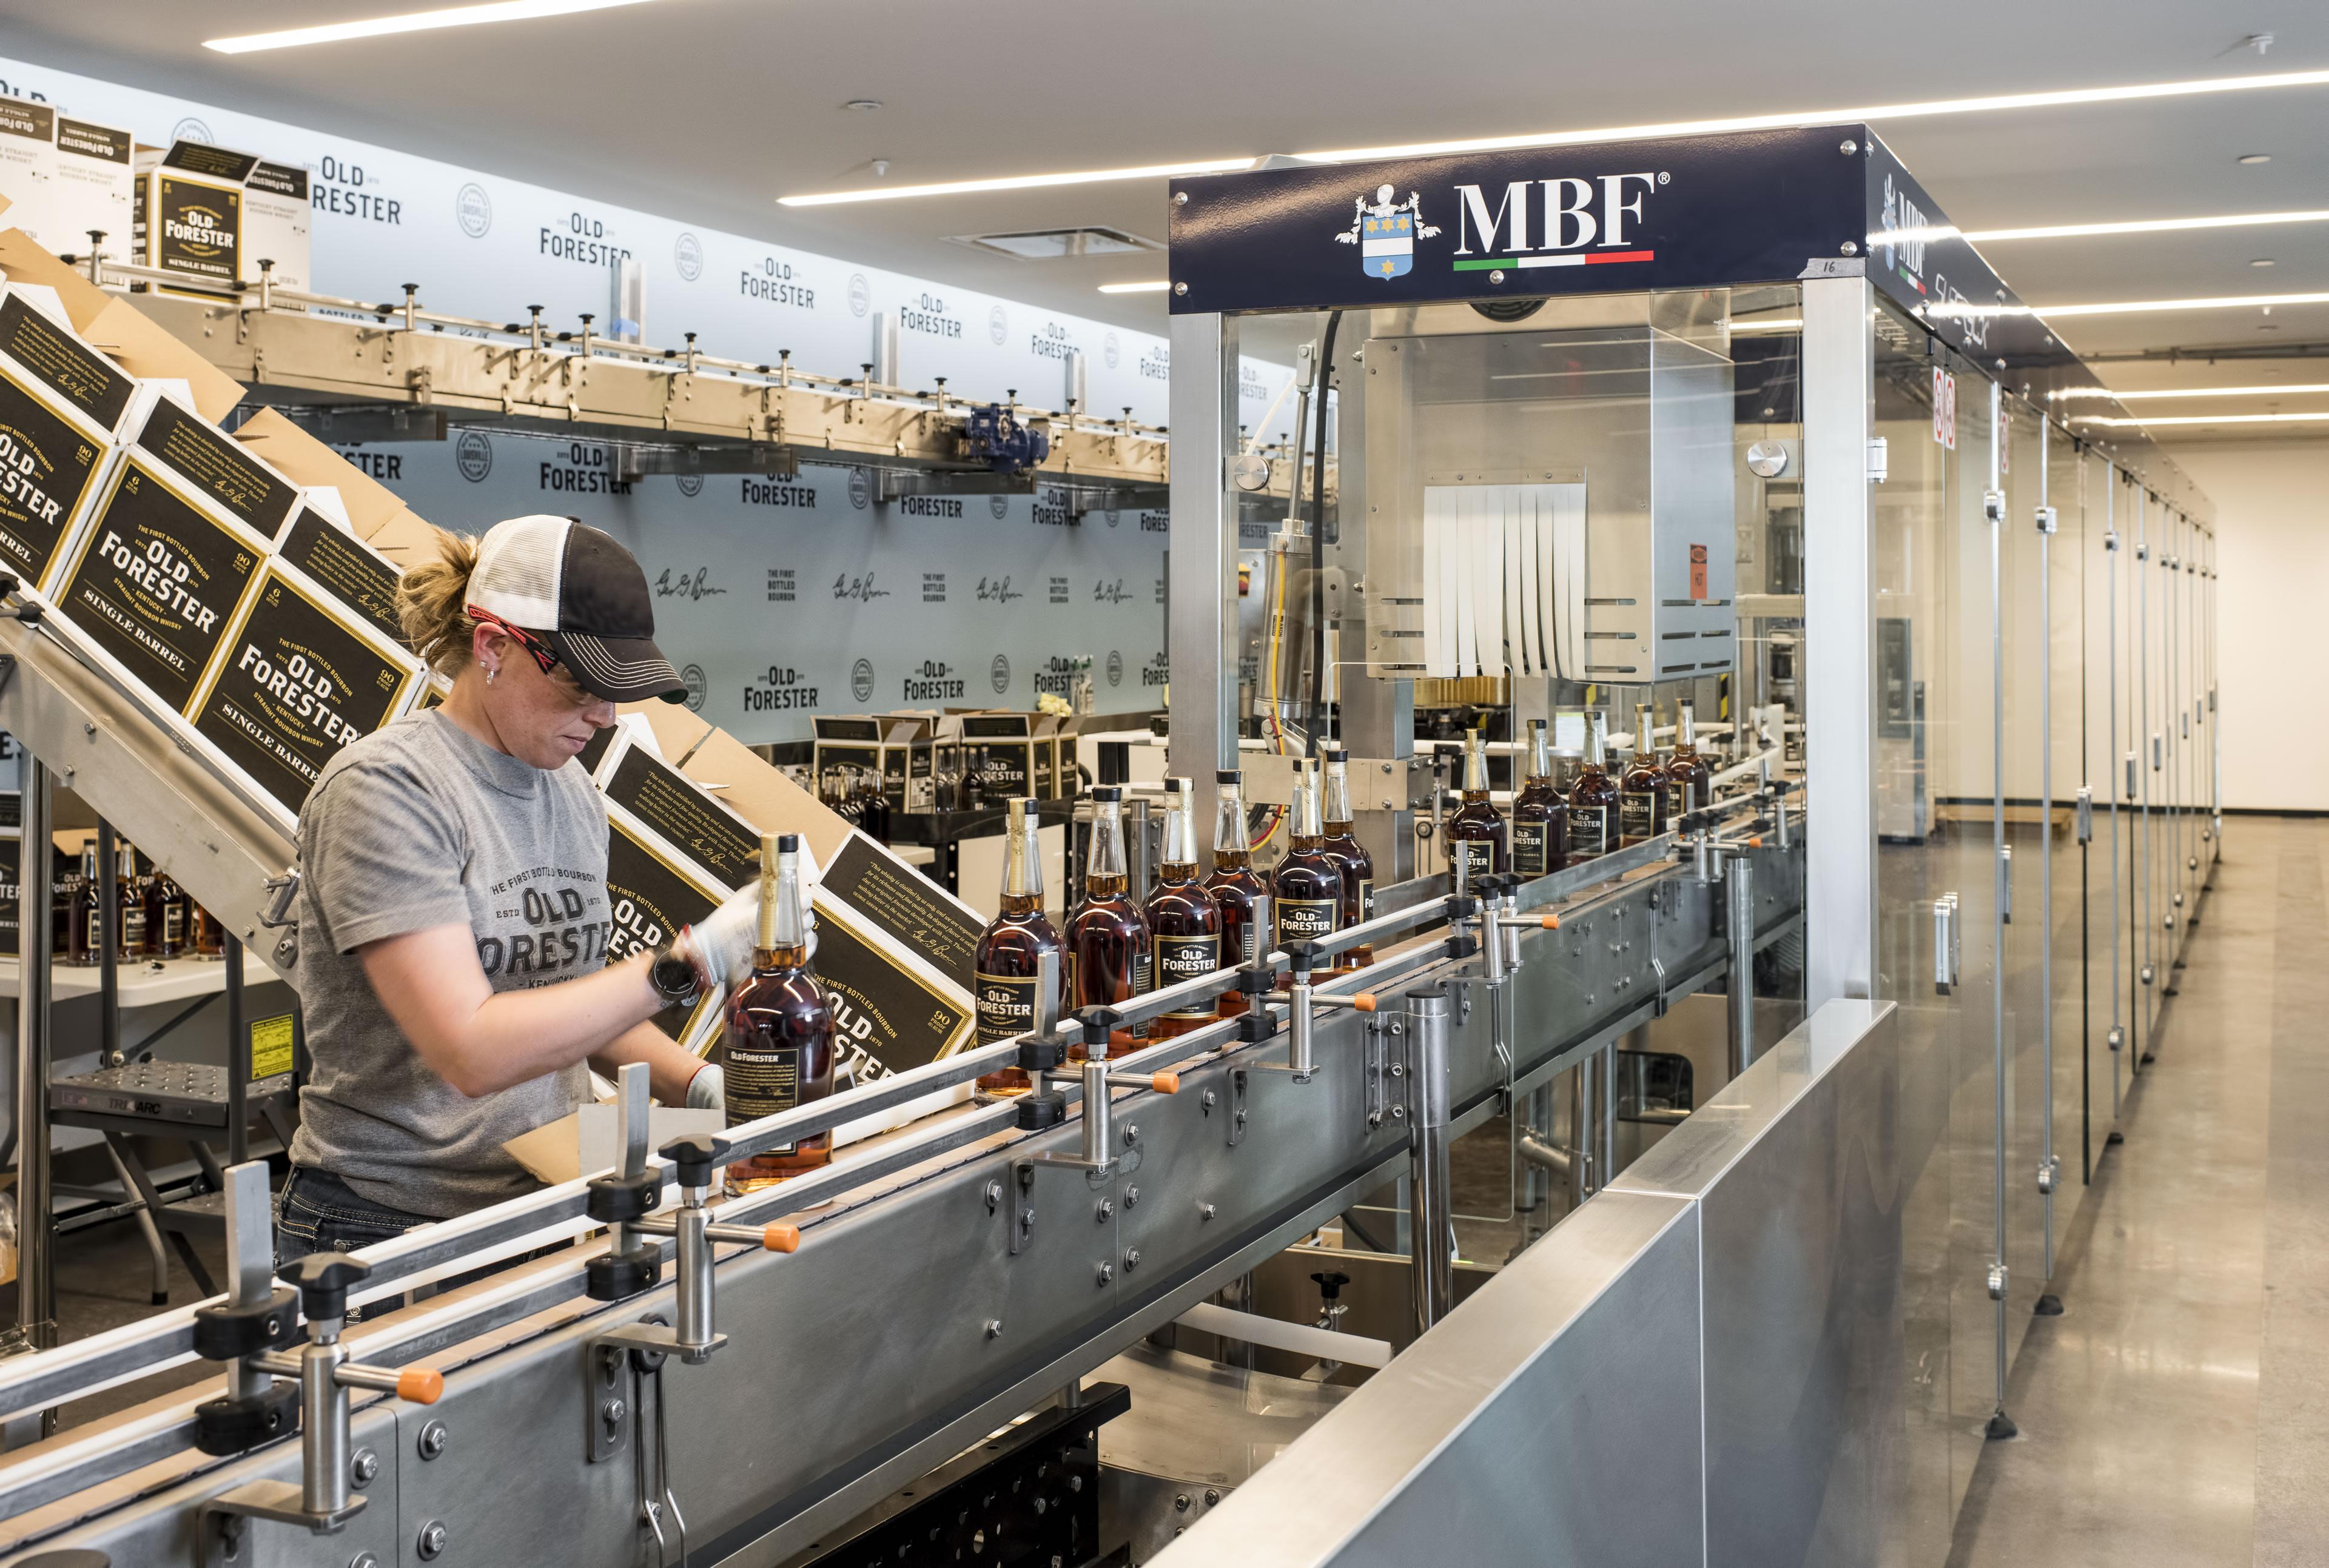 Old Forester Distilling Co. image 7